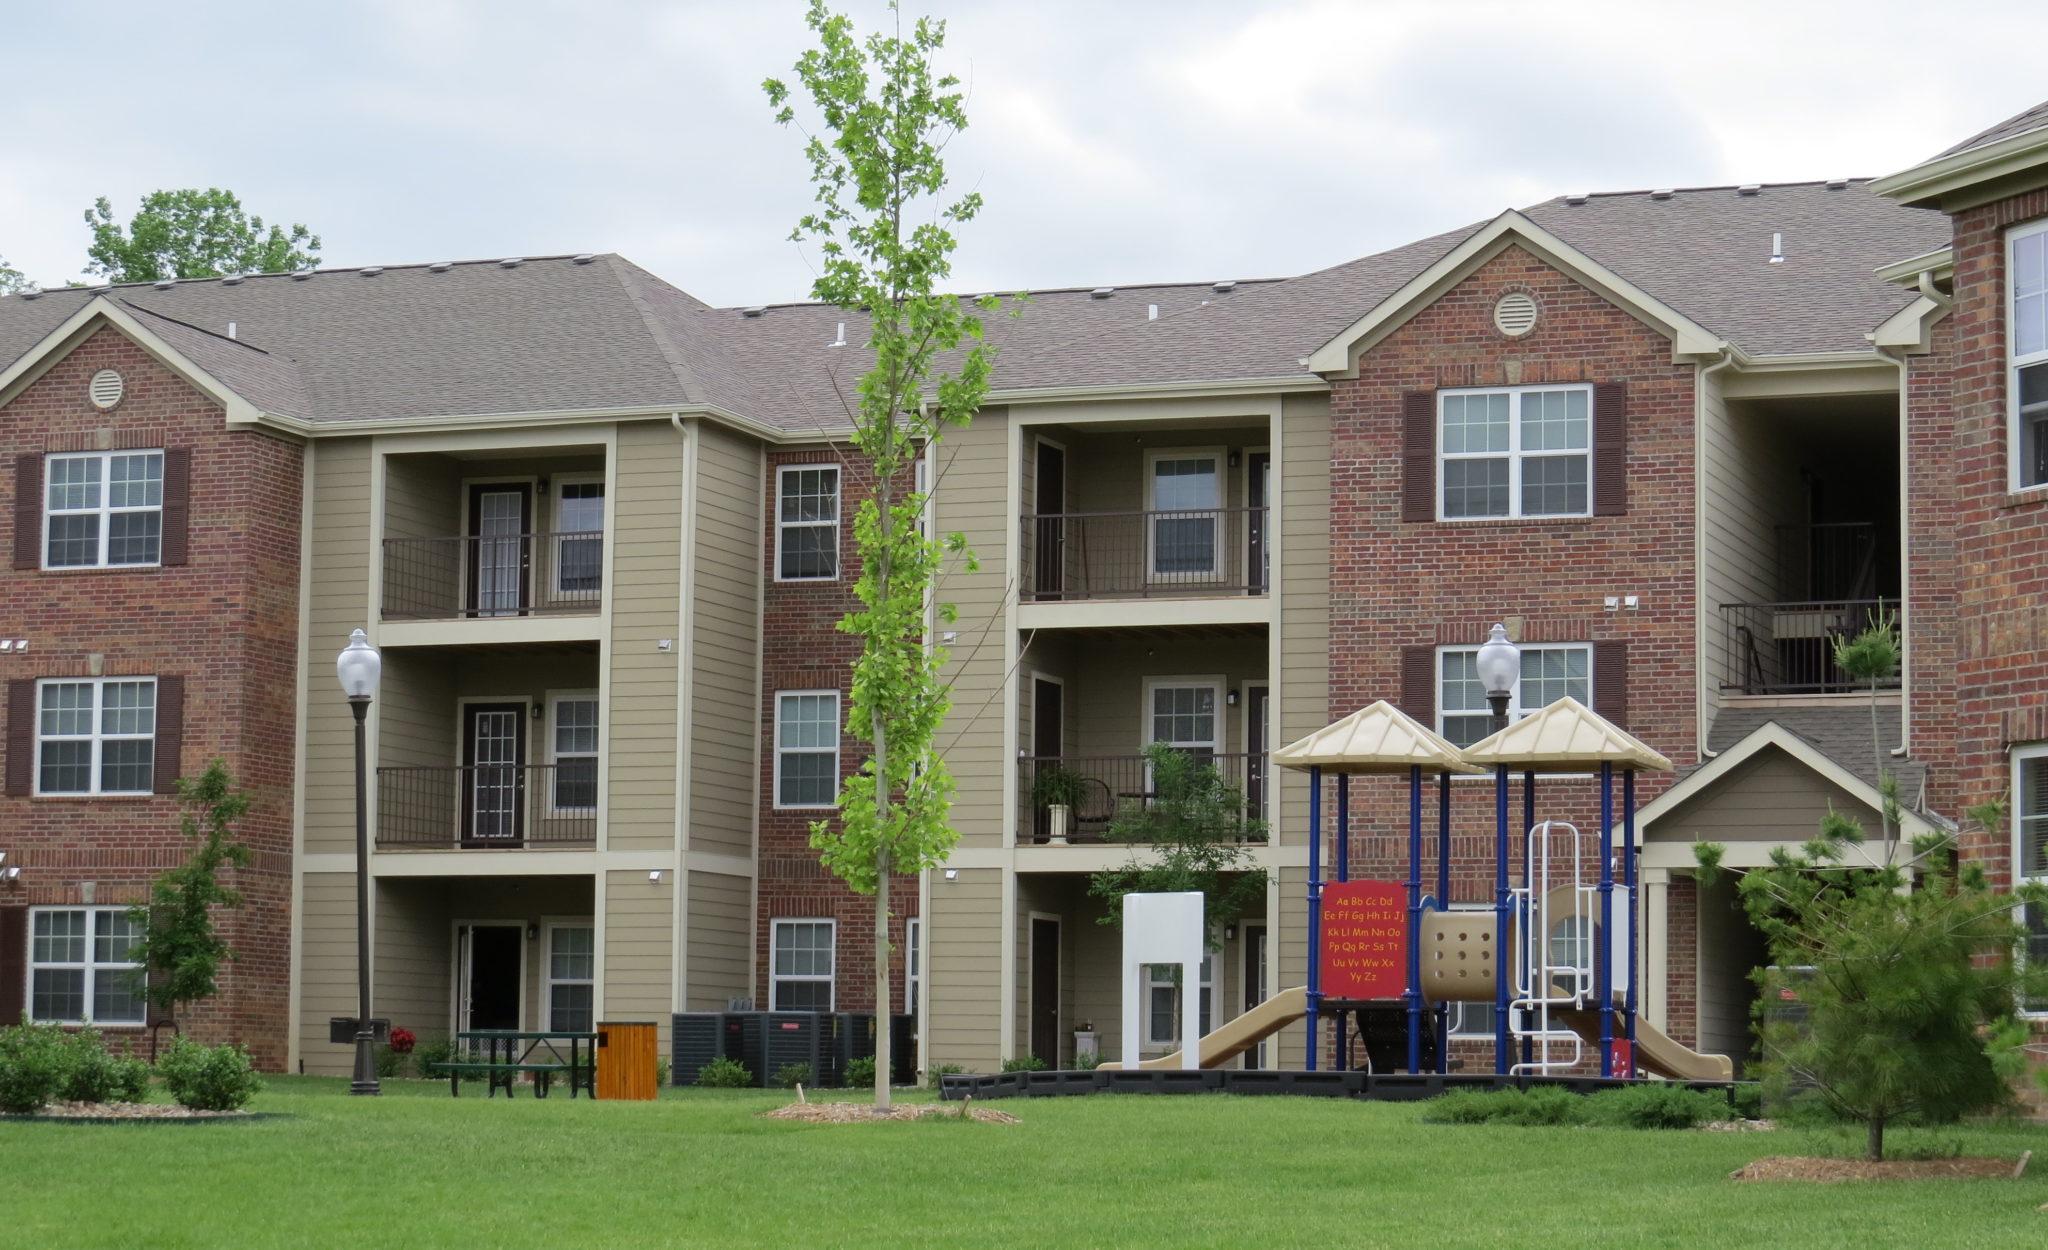 Covington Woods Lansing Kansas Building with Playground (1)